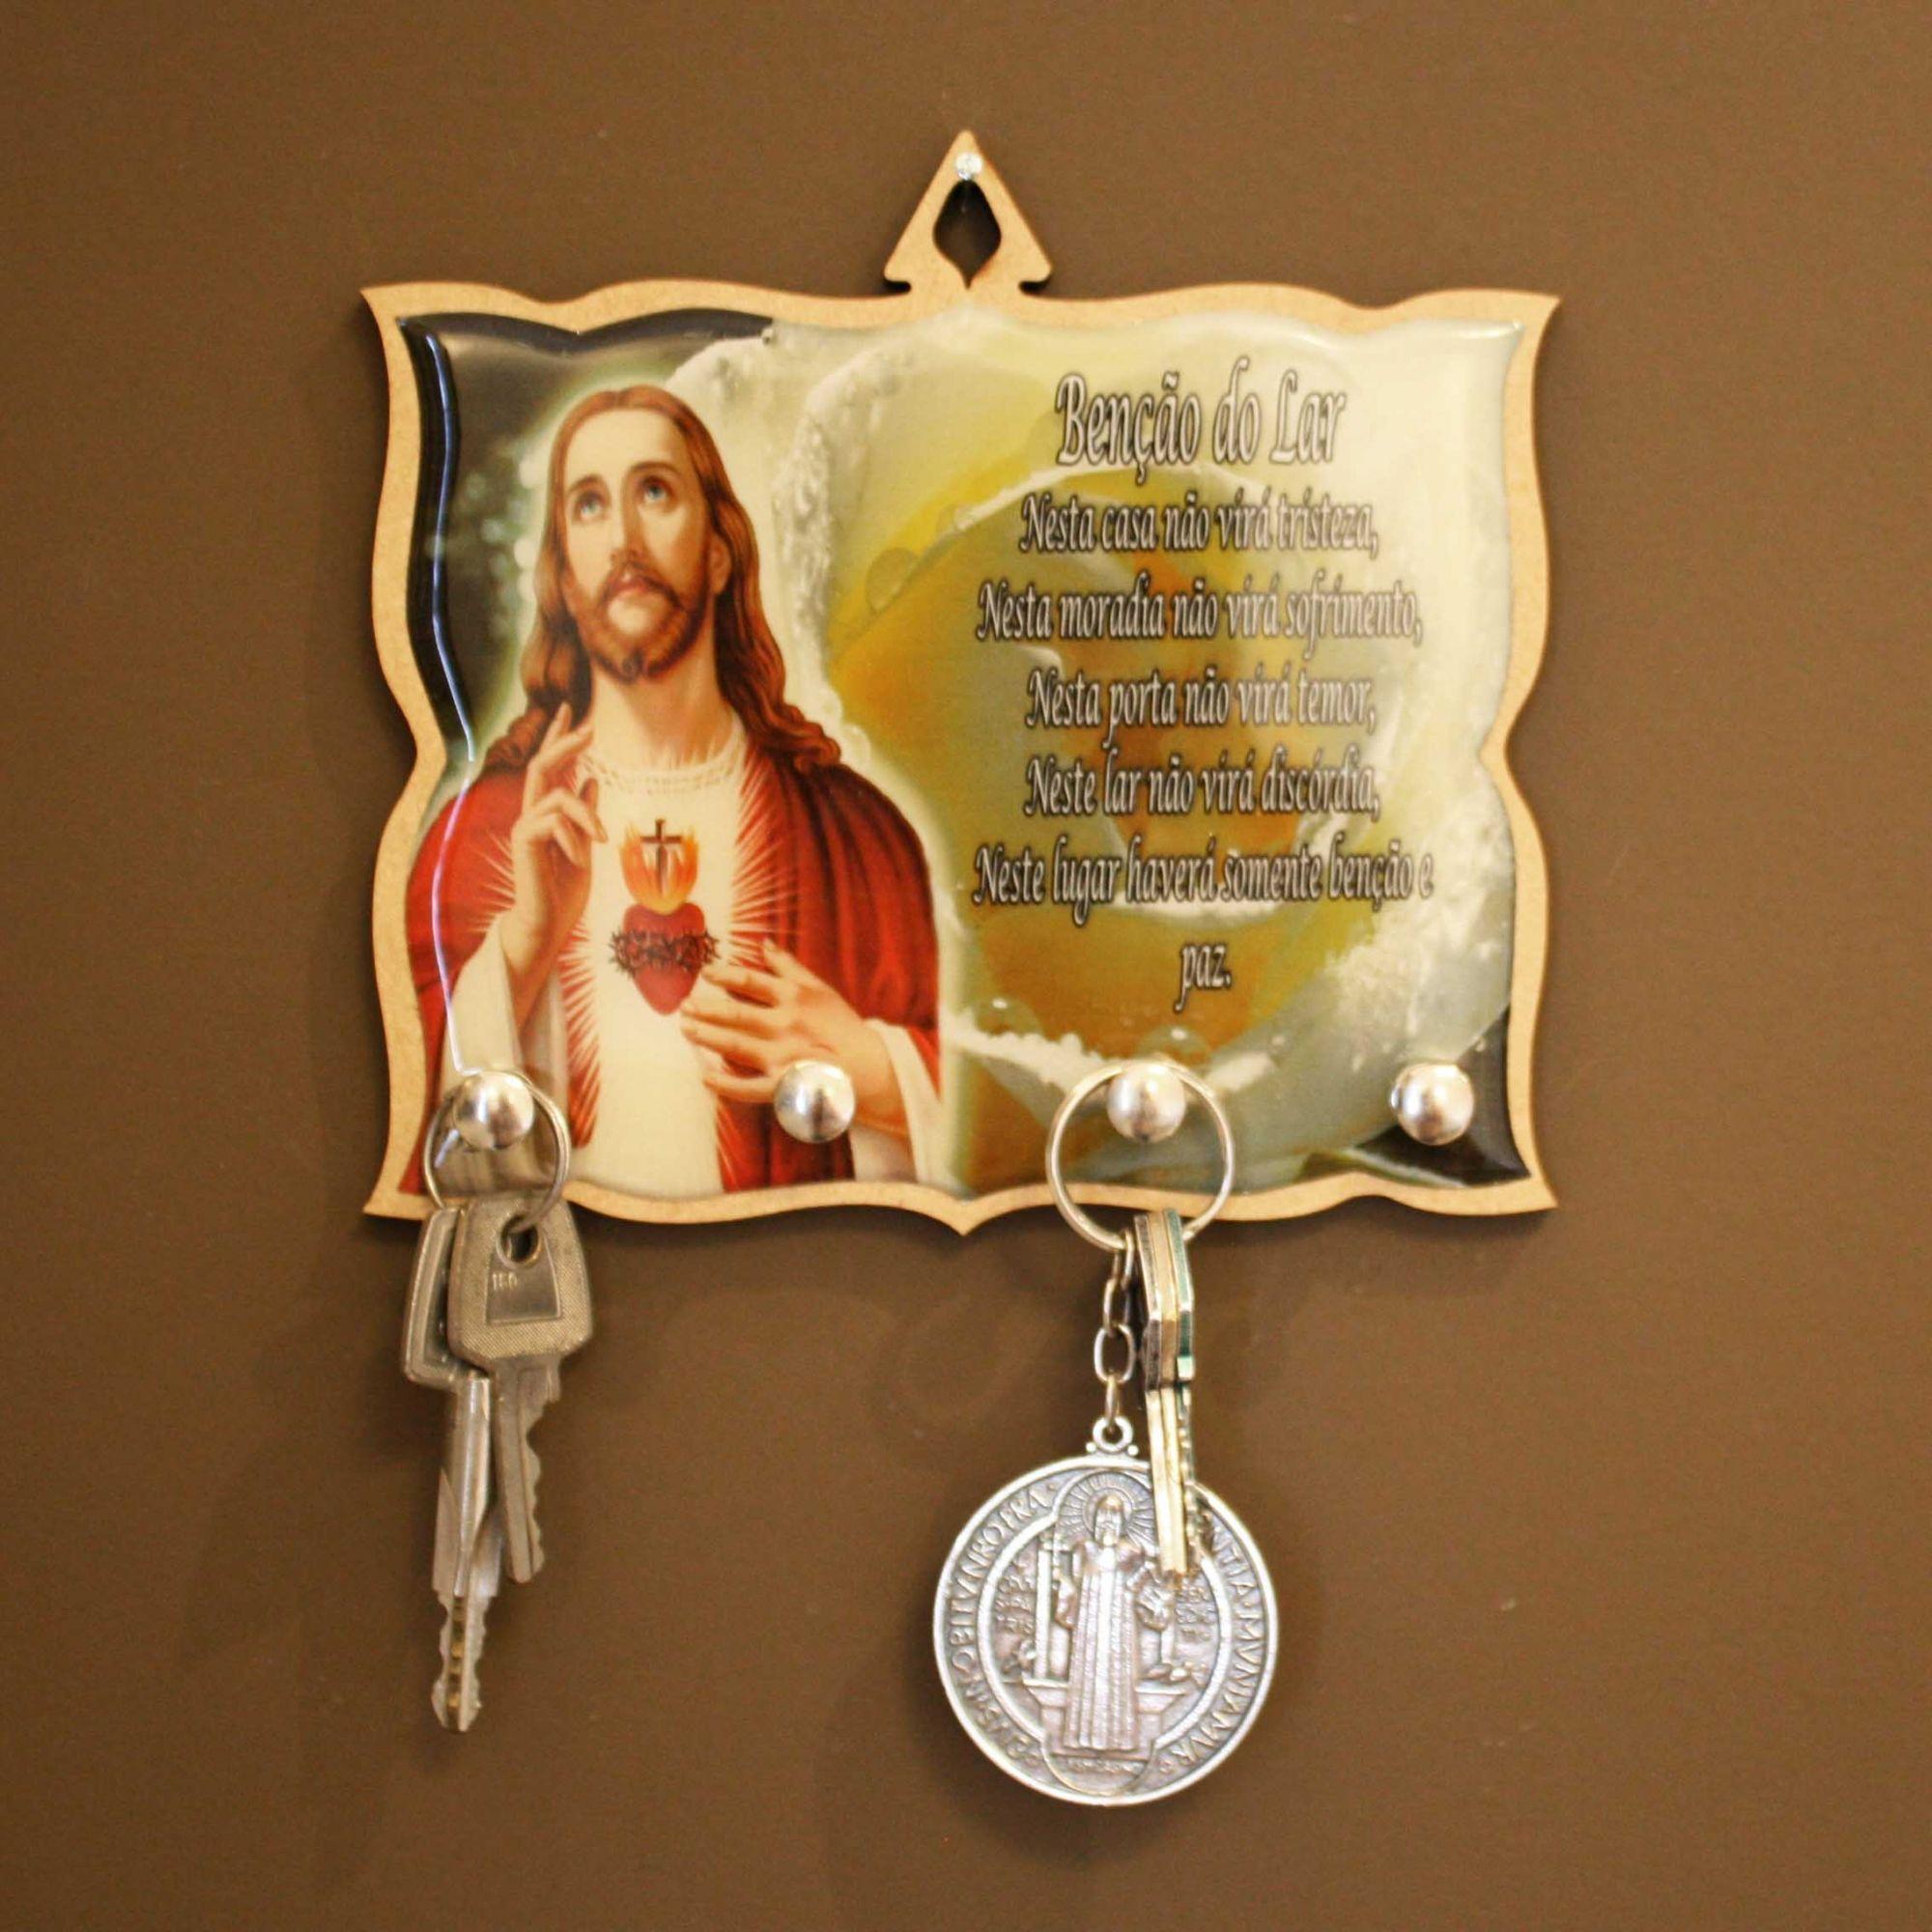 Porta Chaves - Benção do Lar - Jesus  - Universo Religioso® - Artigos de Umbanda e Candomblé